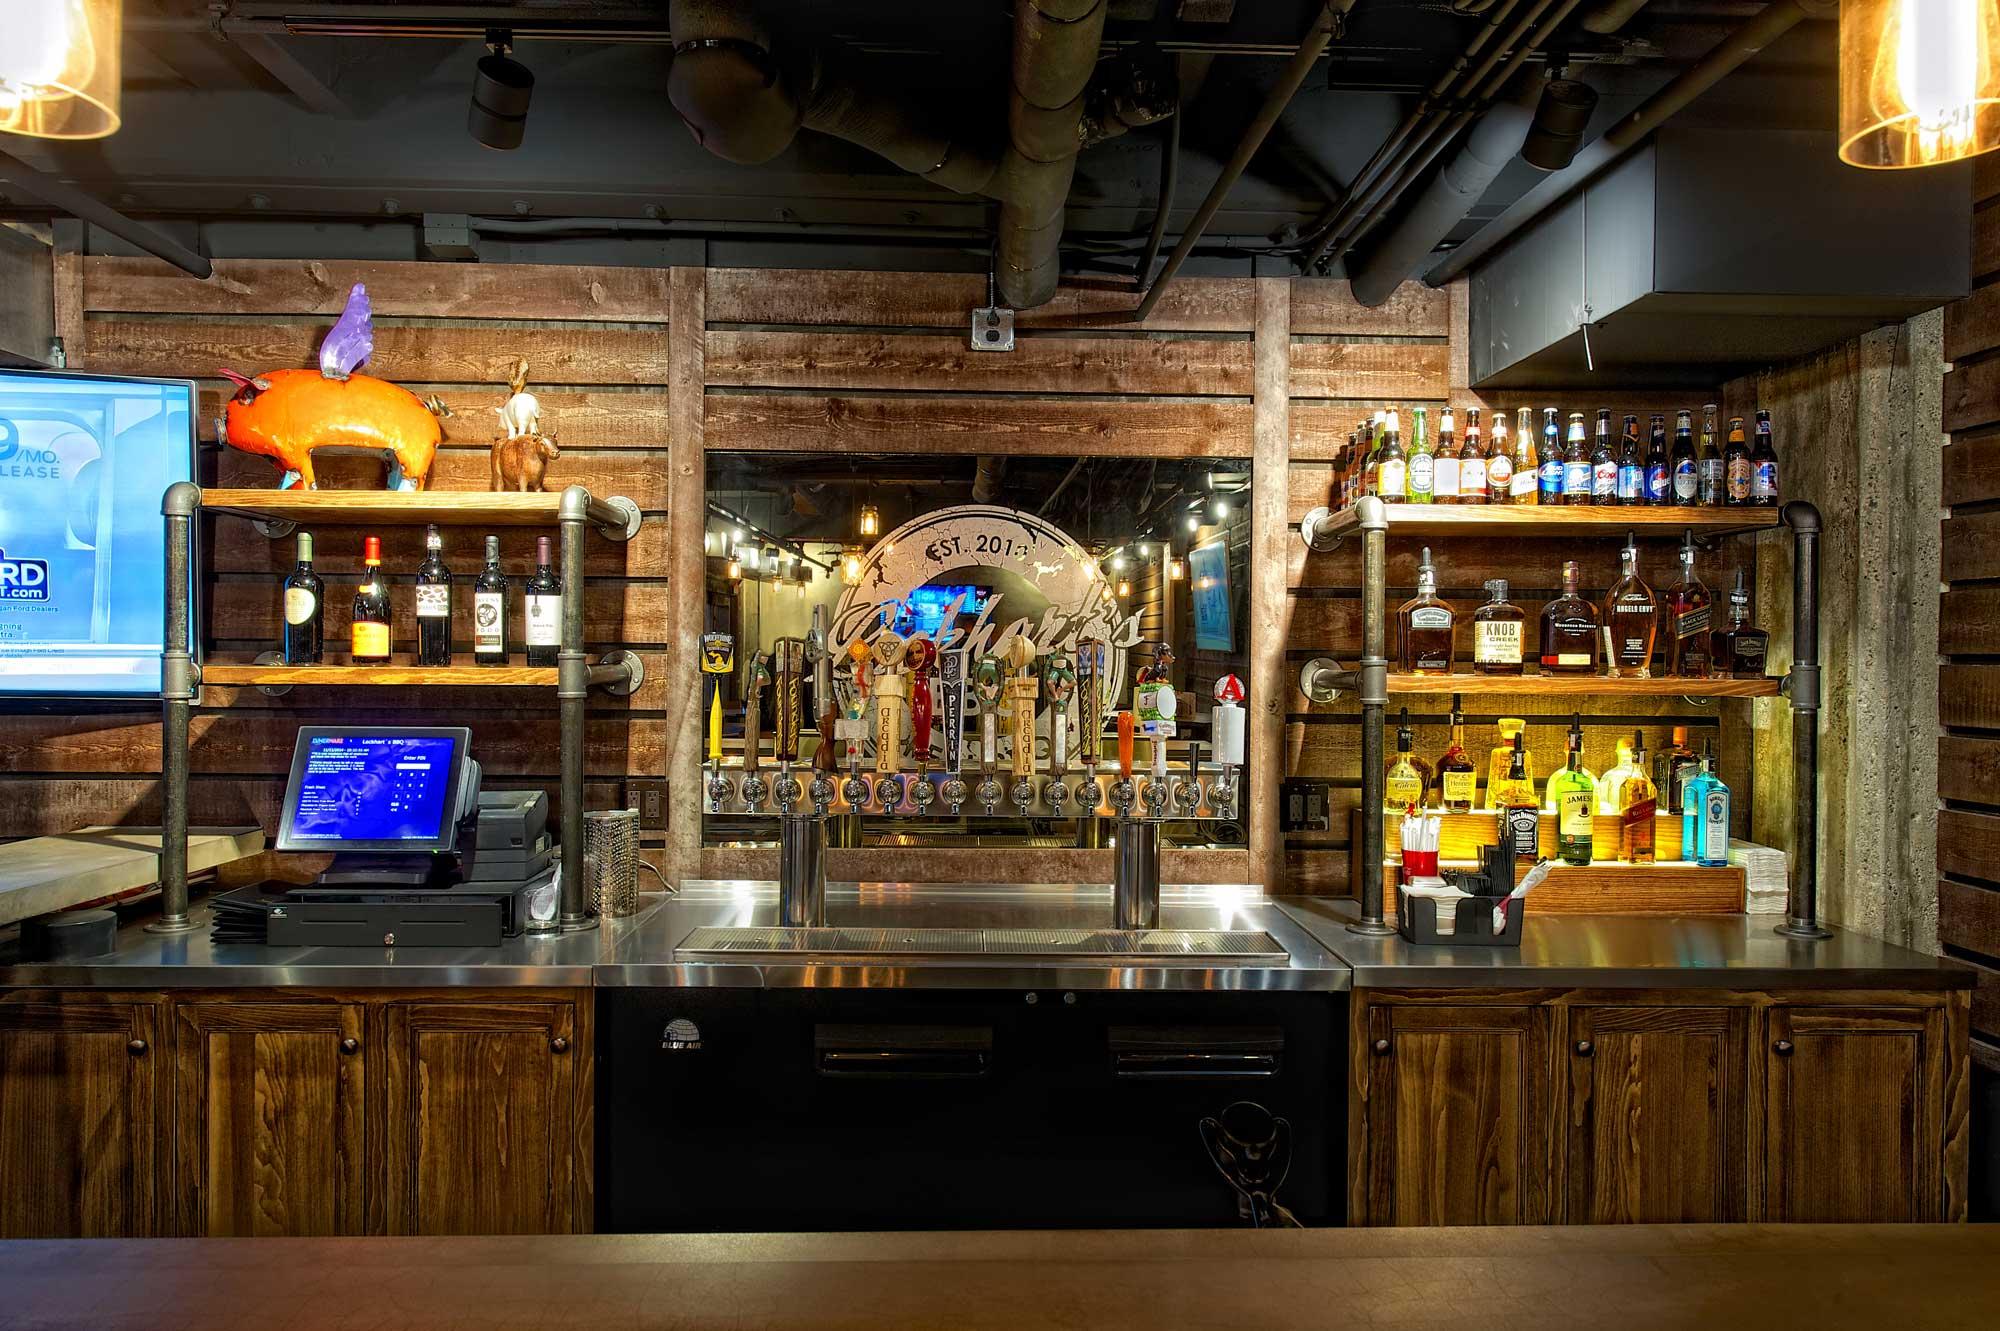 Lockhart's BBQ bar